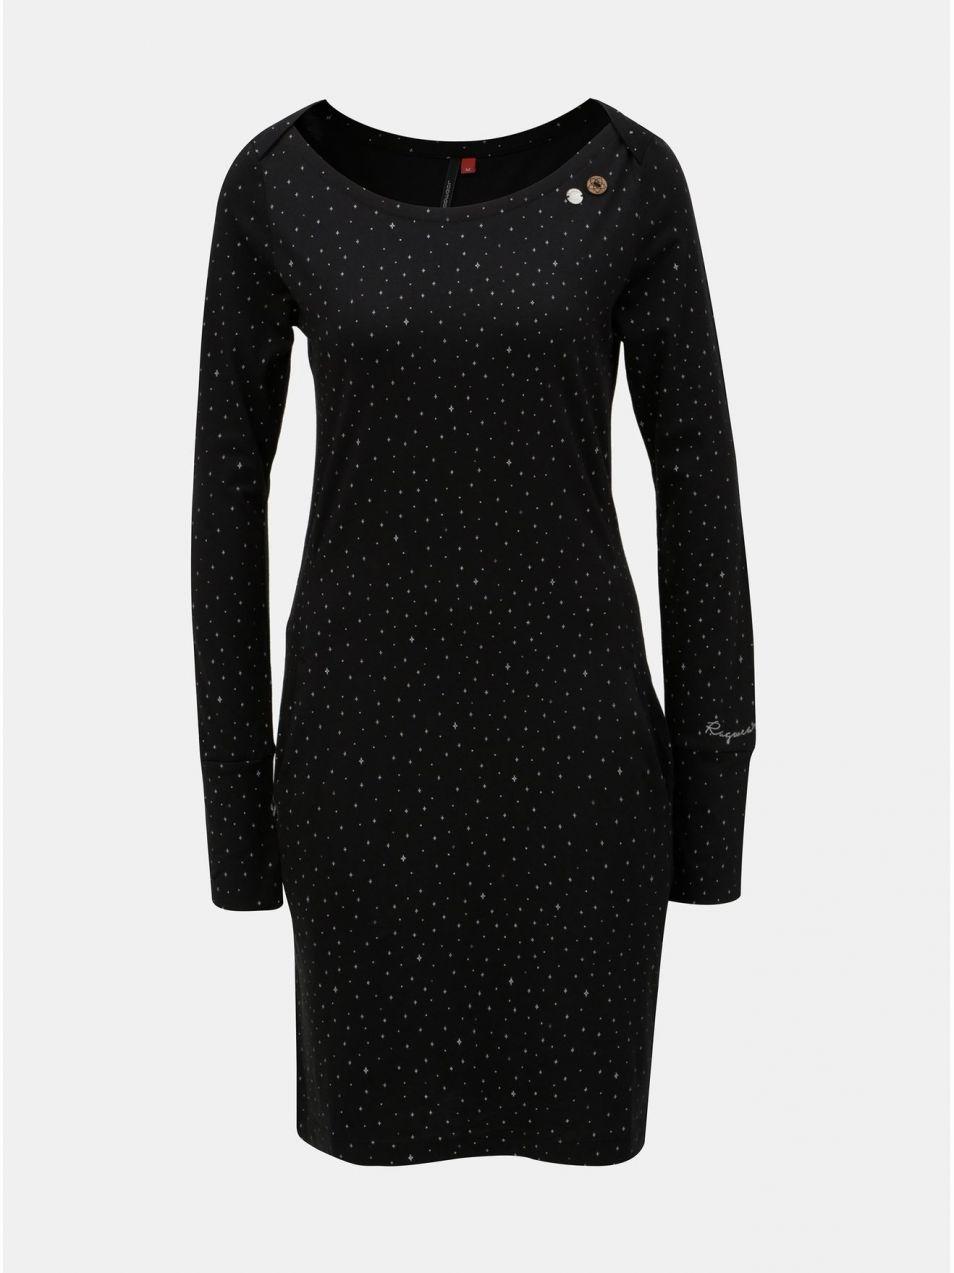 4ac088bd93fb Tmavomodré vzorované šaty s vreckami Ragwear River značky Ragwear -  Lovely.sk